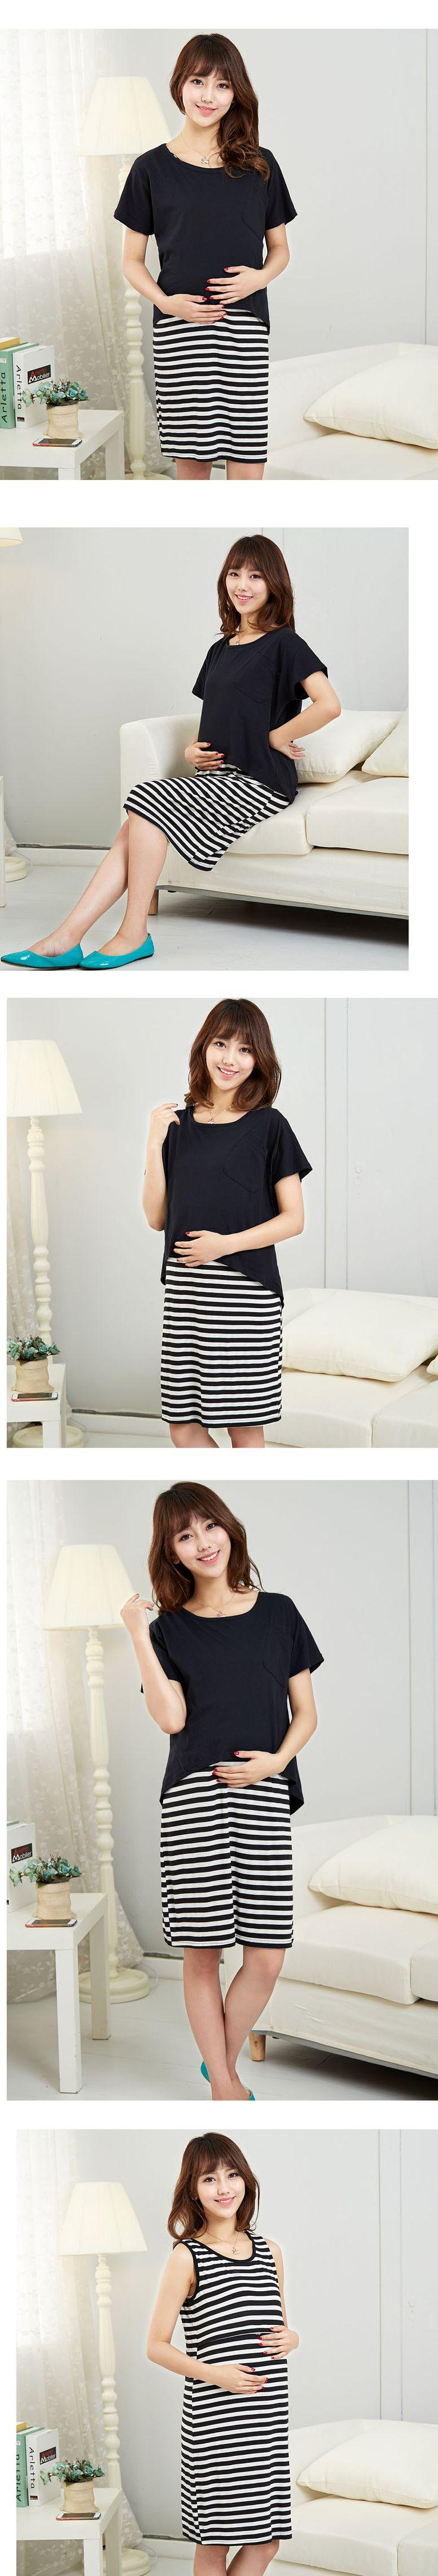 Vêtements de maternité manches allaitement robes femmes enceintes , Plus la taille Long infirmiers robe 2 pcs ensemble robe de réservoir + Top / blouse dans Robes de Produits pour bébés sur AliExpress.com   Alibaba Group